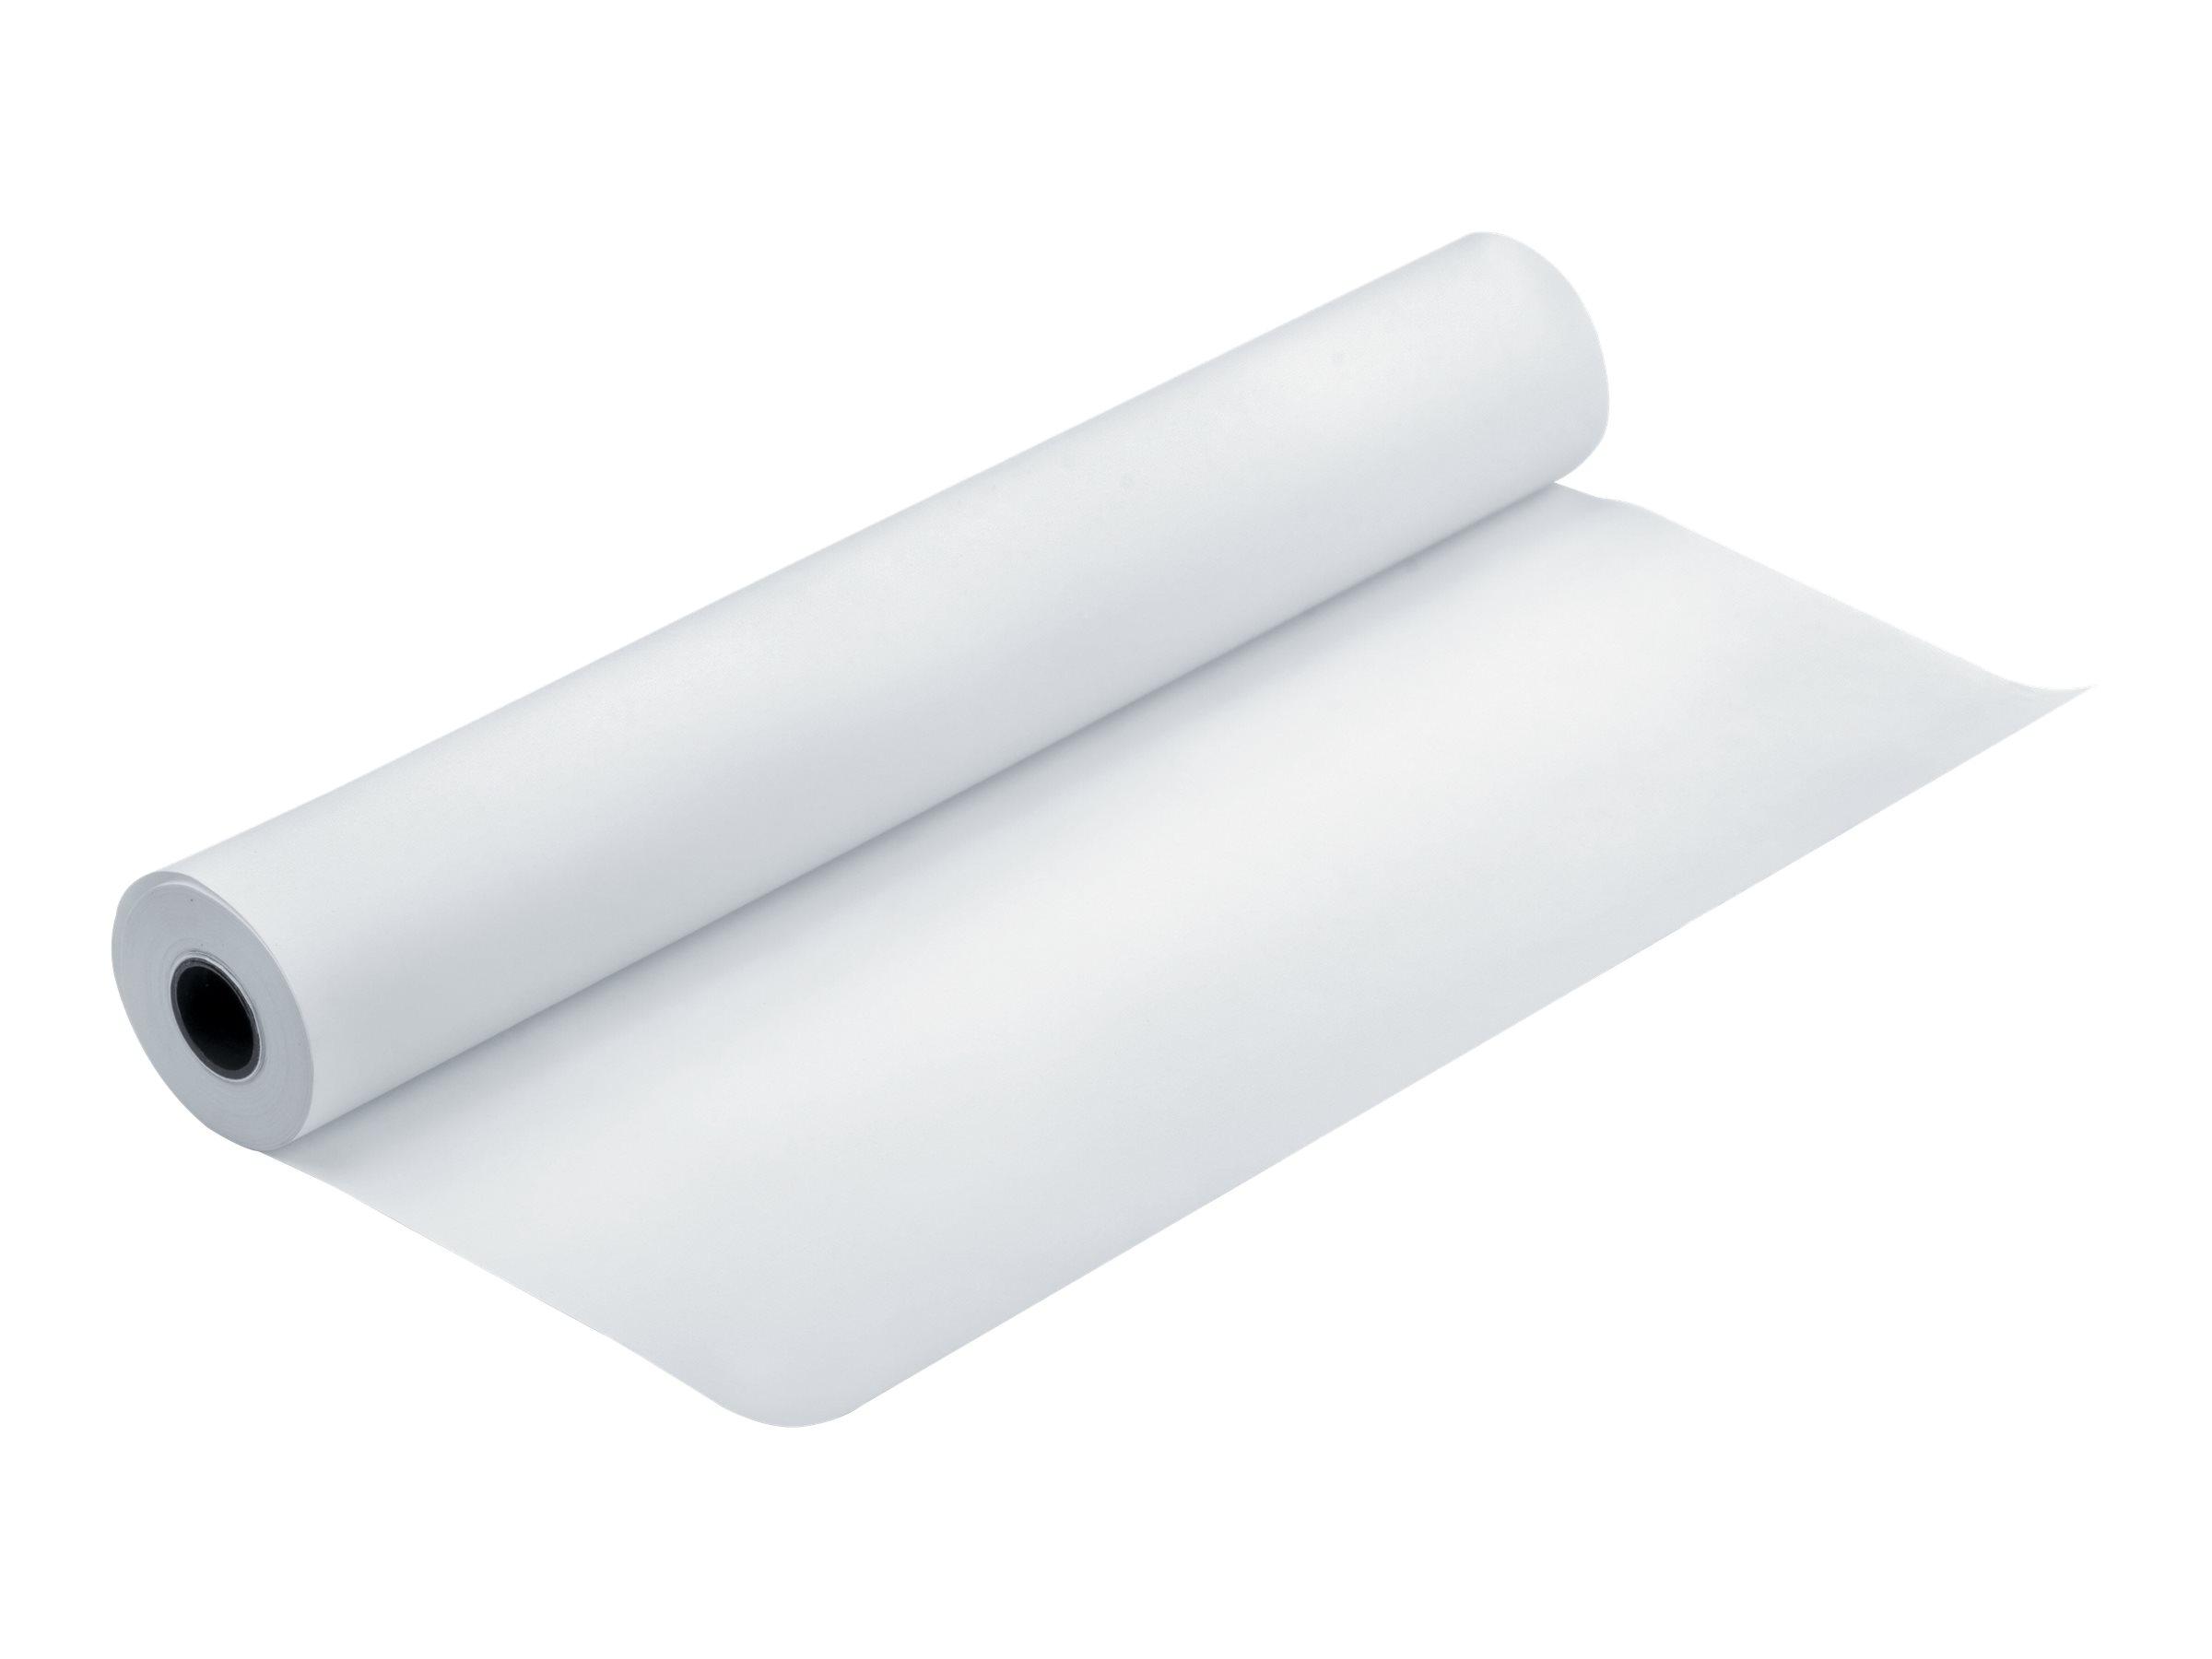 Epson Premium Luster Photo Paper (260) - Glanz - Rolle (50,8 cm x 30,5 m) 1 Rolle(n) Fotopapier - für SureColor SC-P10000, P2000